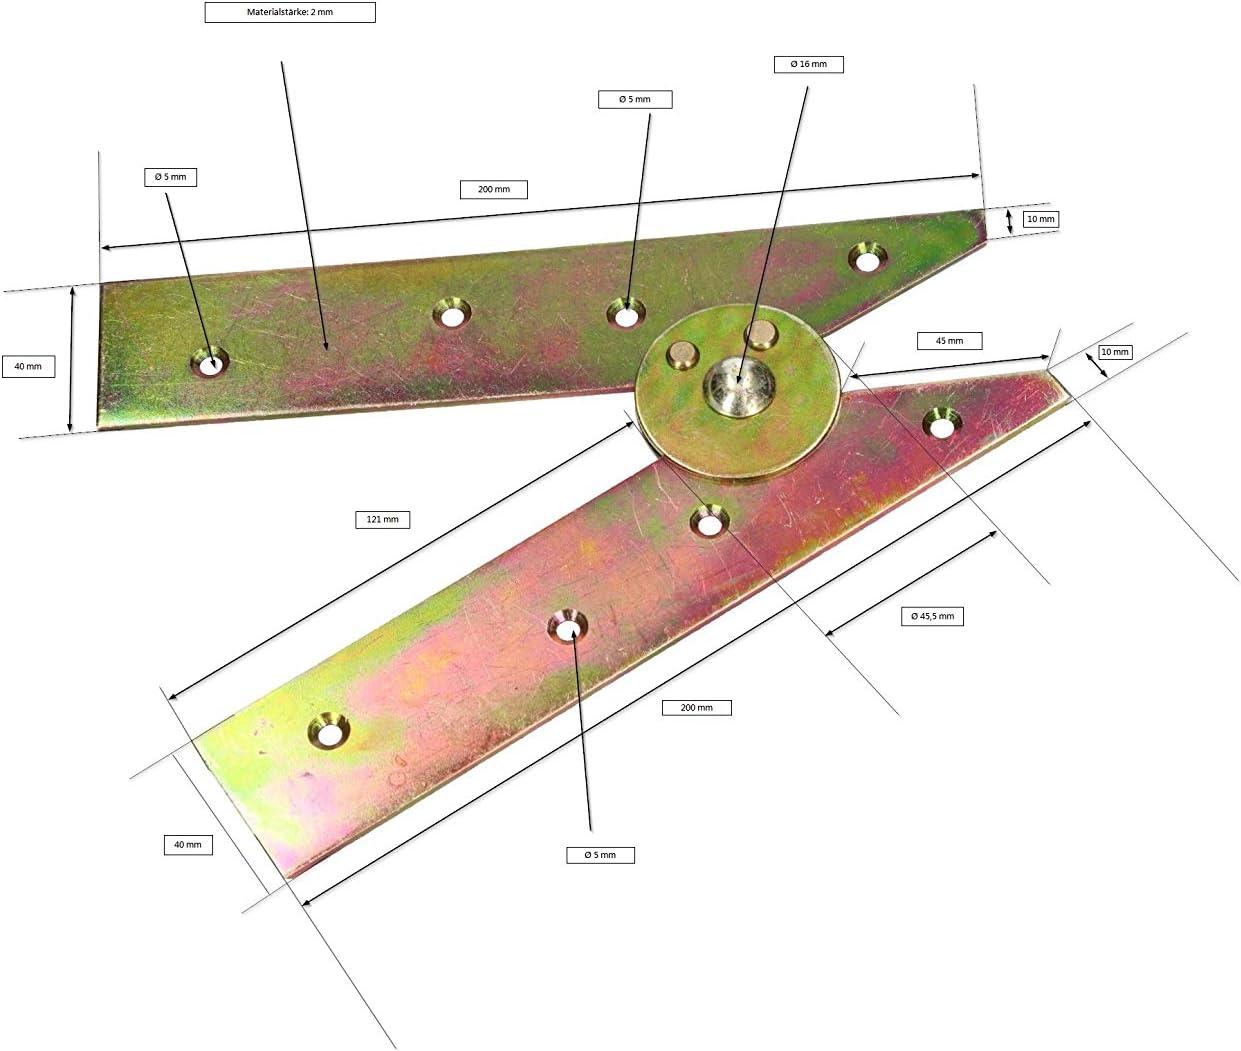 bisagras de escalera galvanizadas robustas Bisagras de escalera color amarillo 200 mm KOTARBAU apertura sin ganchos